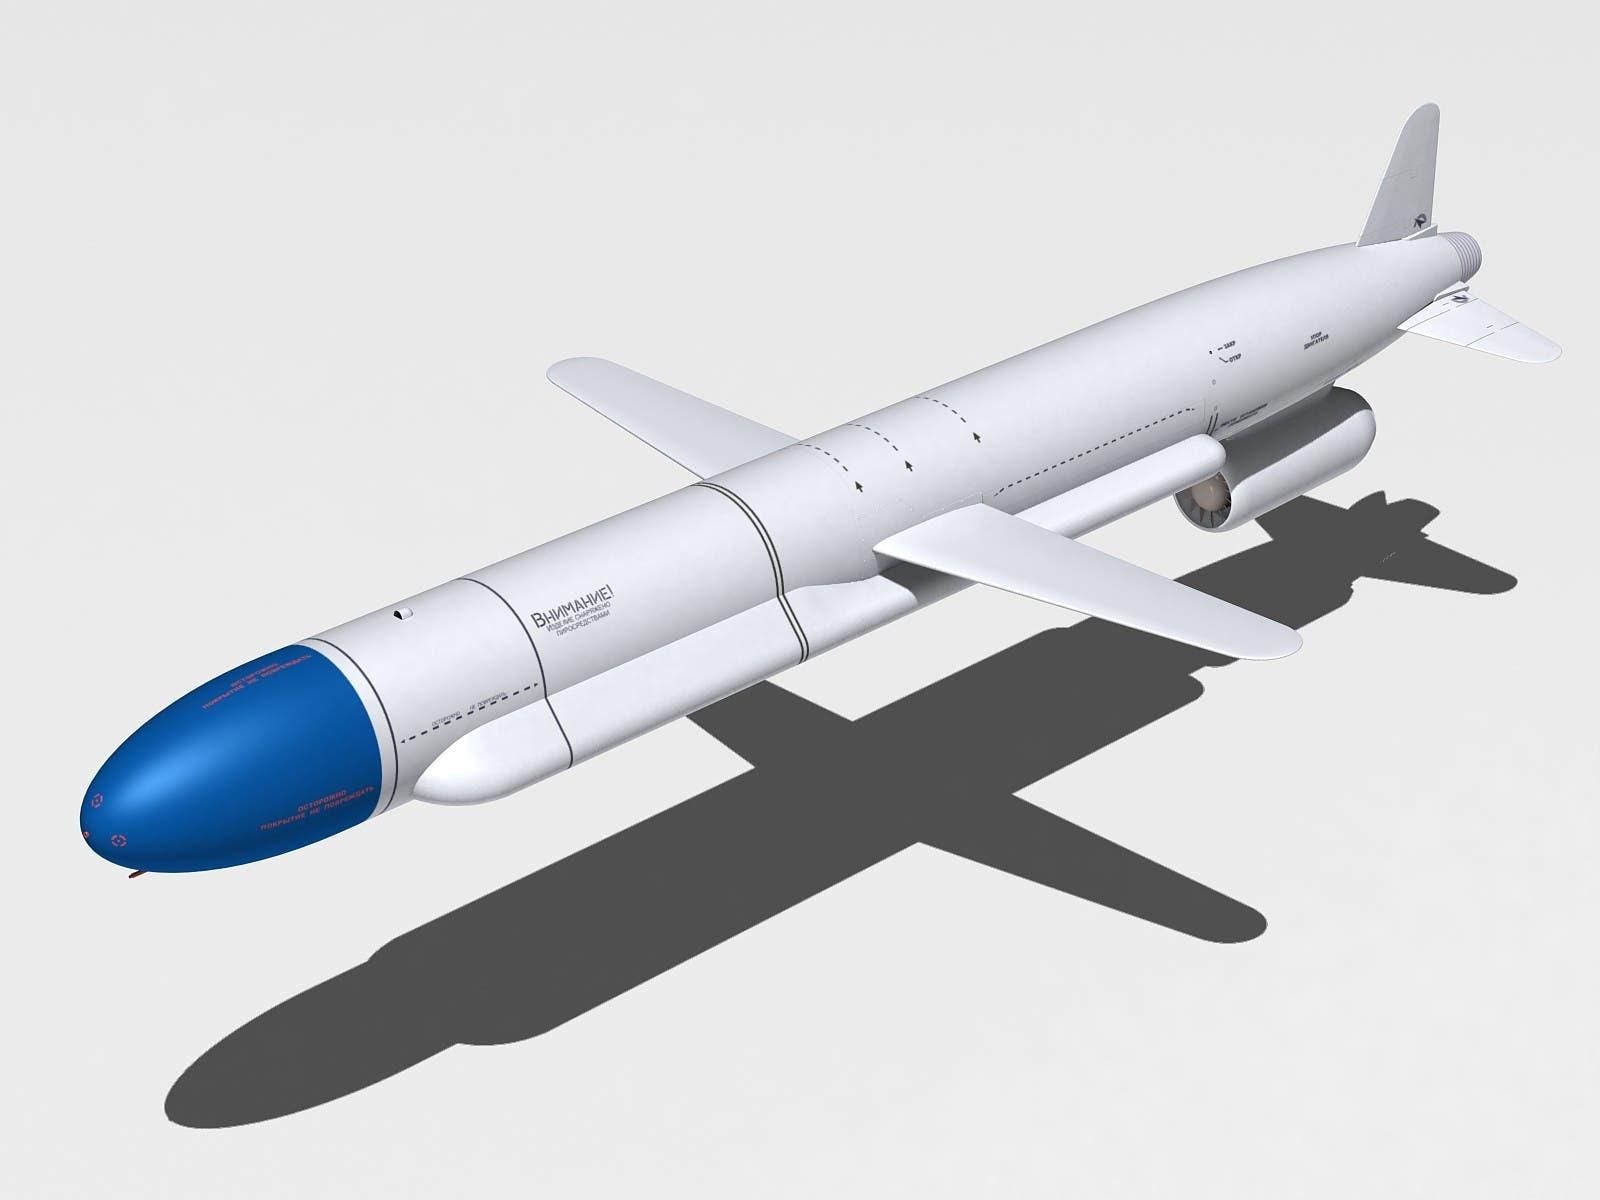 صاروخ كروز من طراز Raduga Kh-101